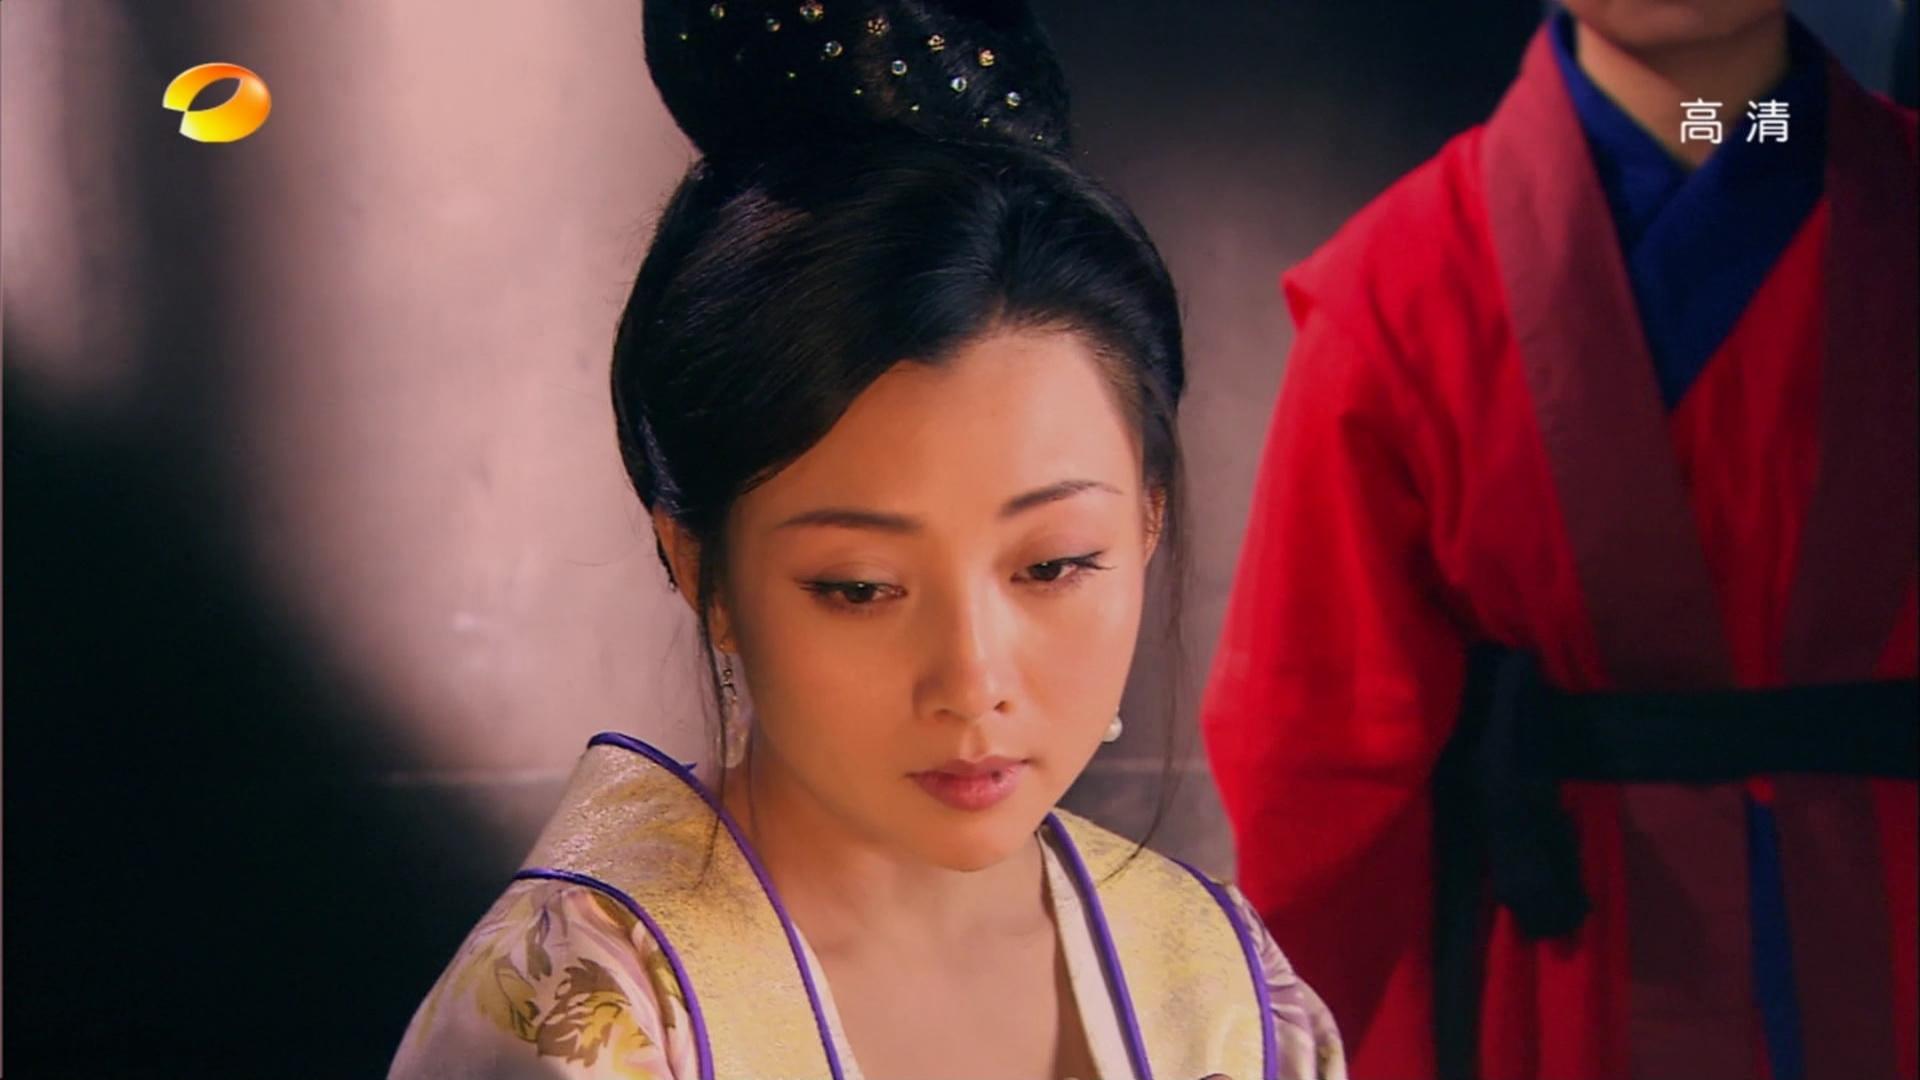 武则天秘史殷桃清截图武媚娘到武皇的长